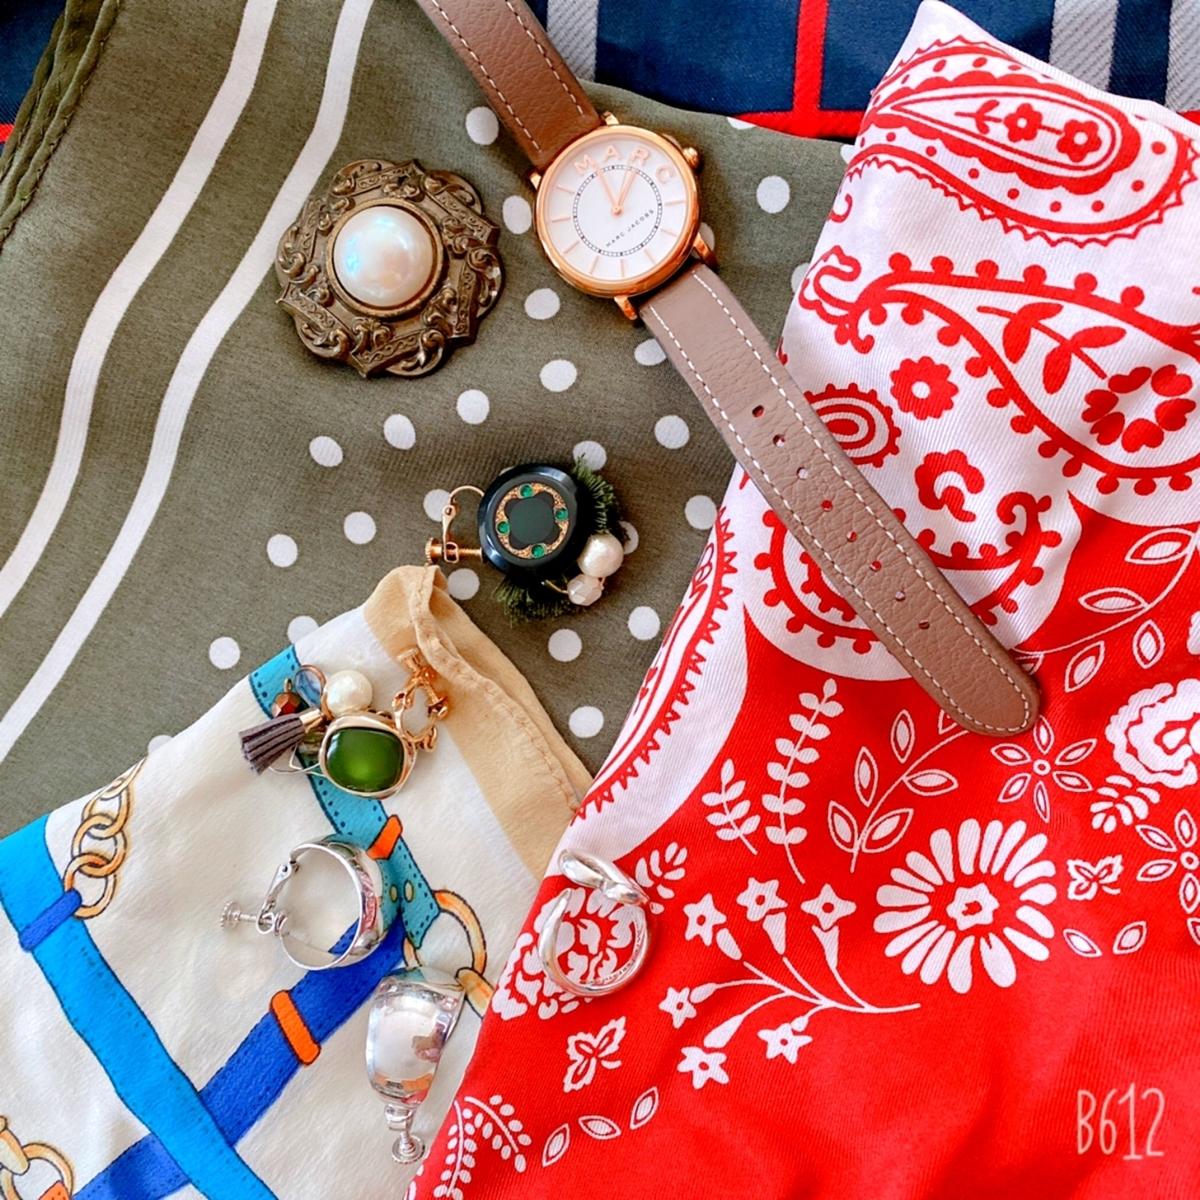 スカーフとアクセサリーの写真